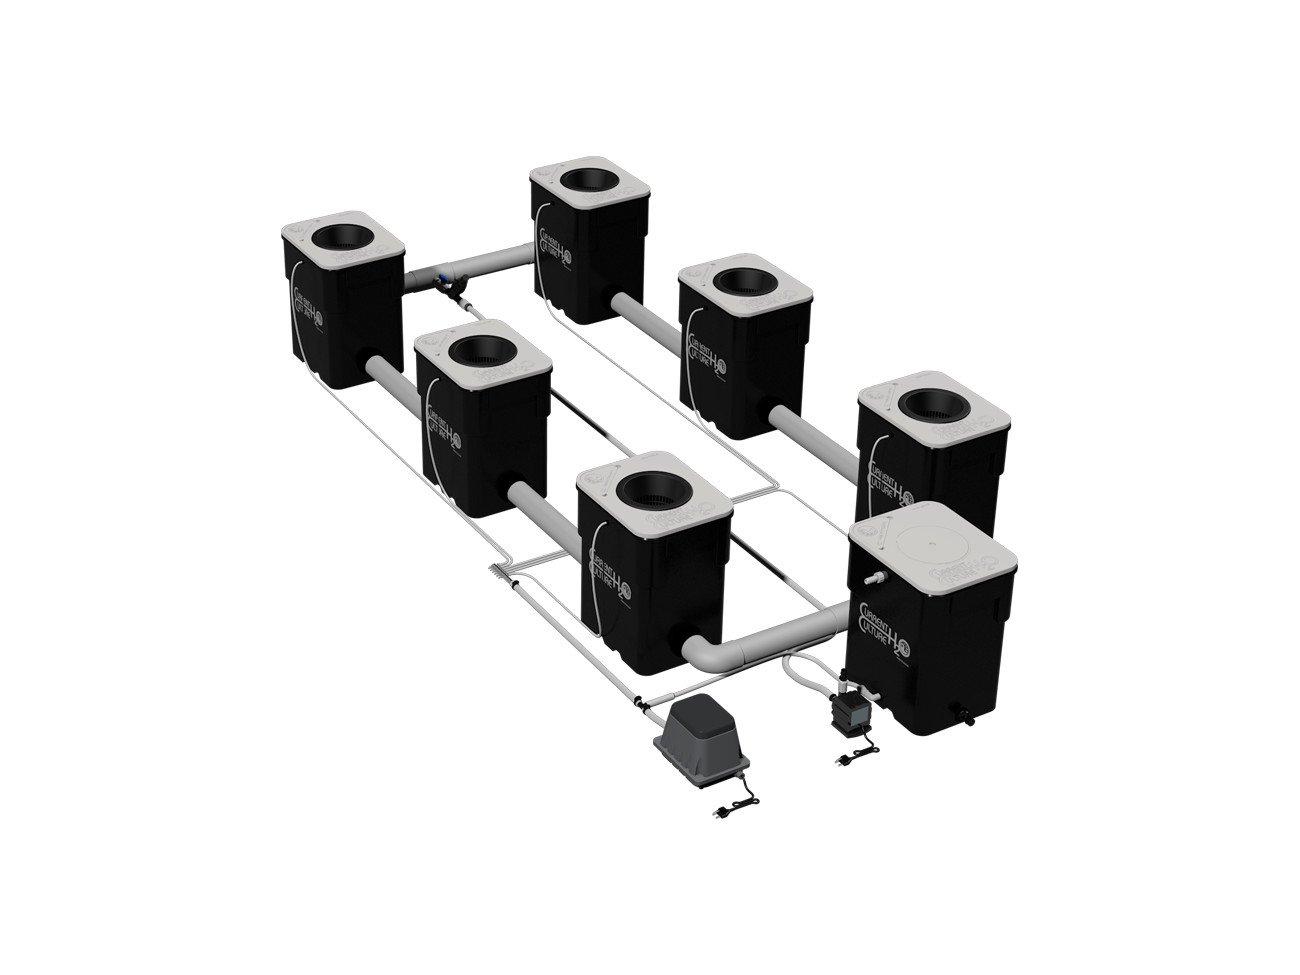 Under Current 6 XXL13 UC6XXL13 - 6 site - 8'' net pots - 13 gallon grow modules - 130 watt - 120V